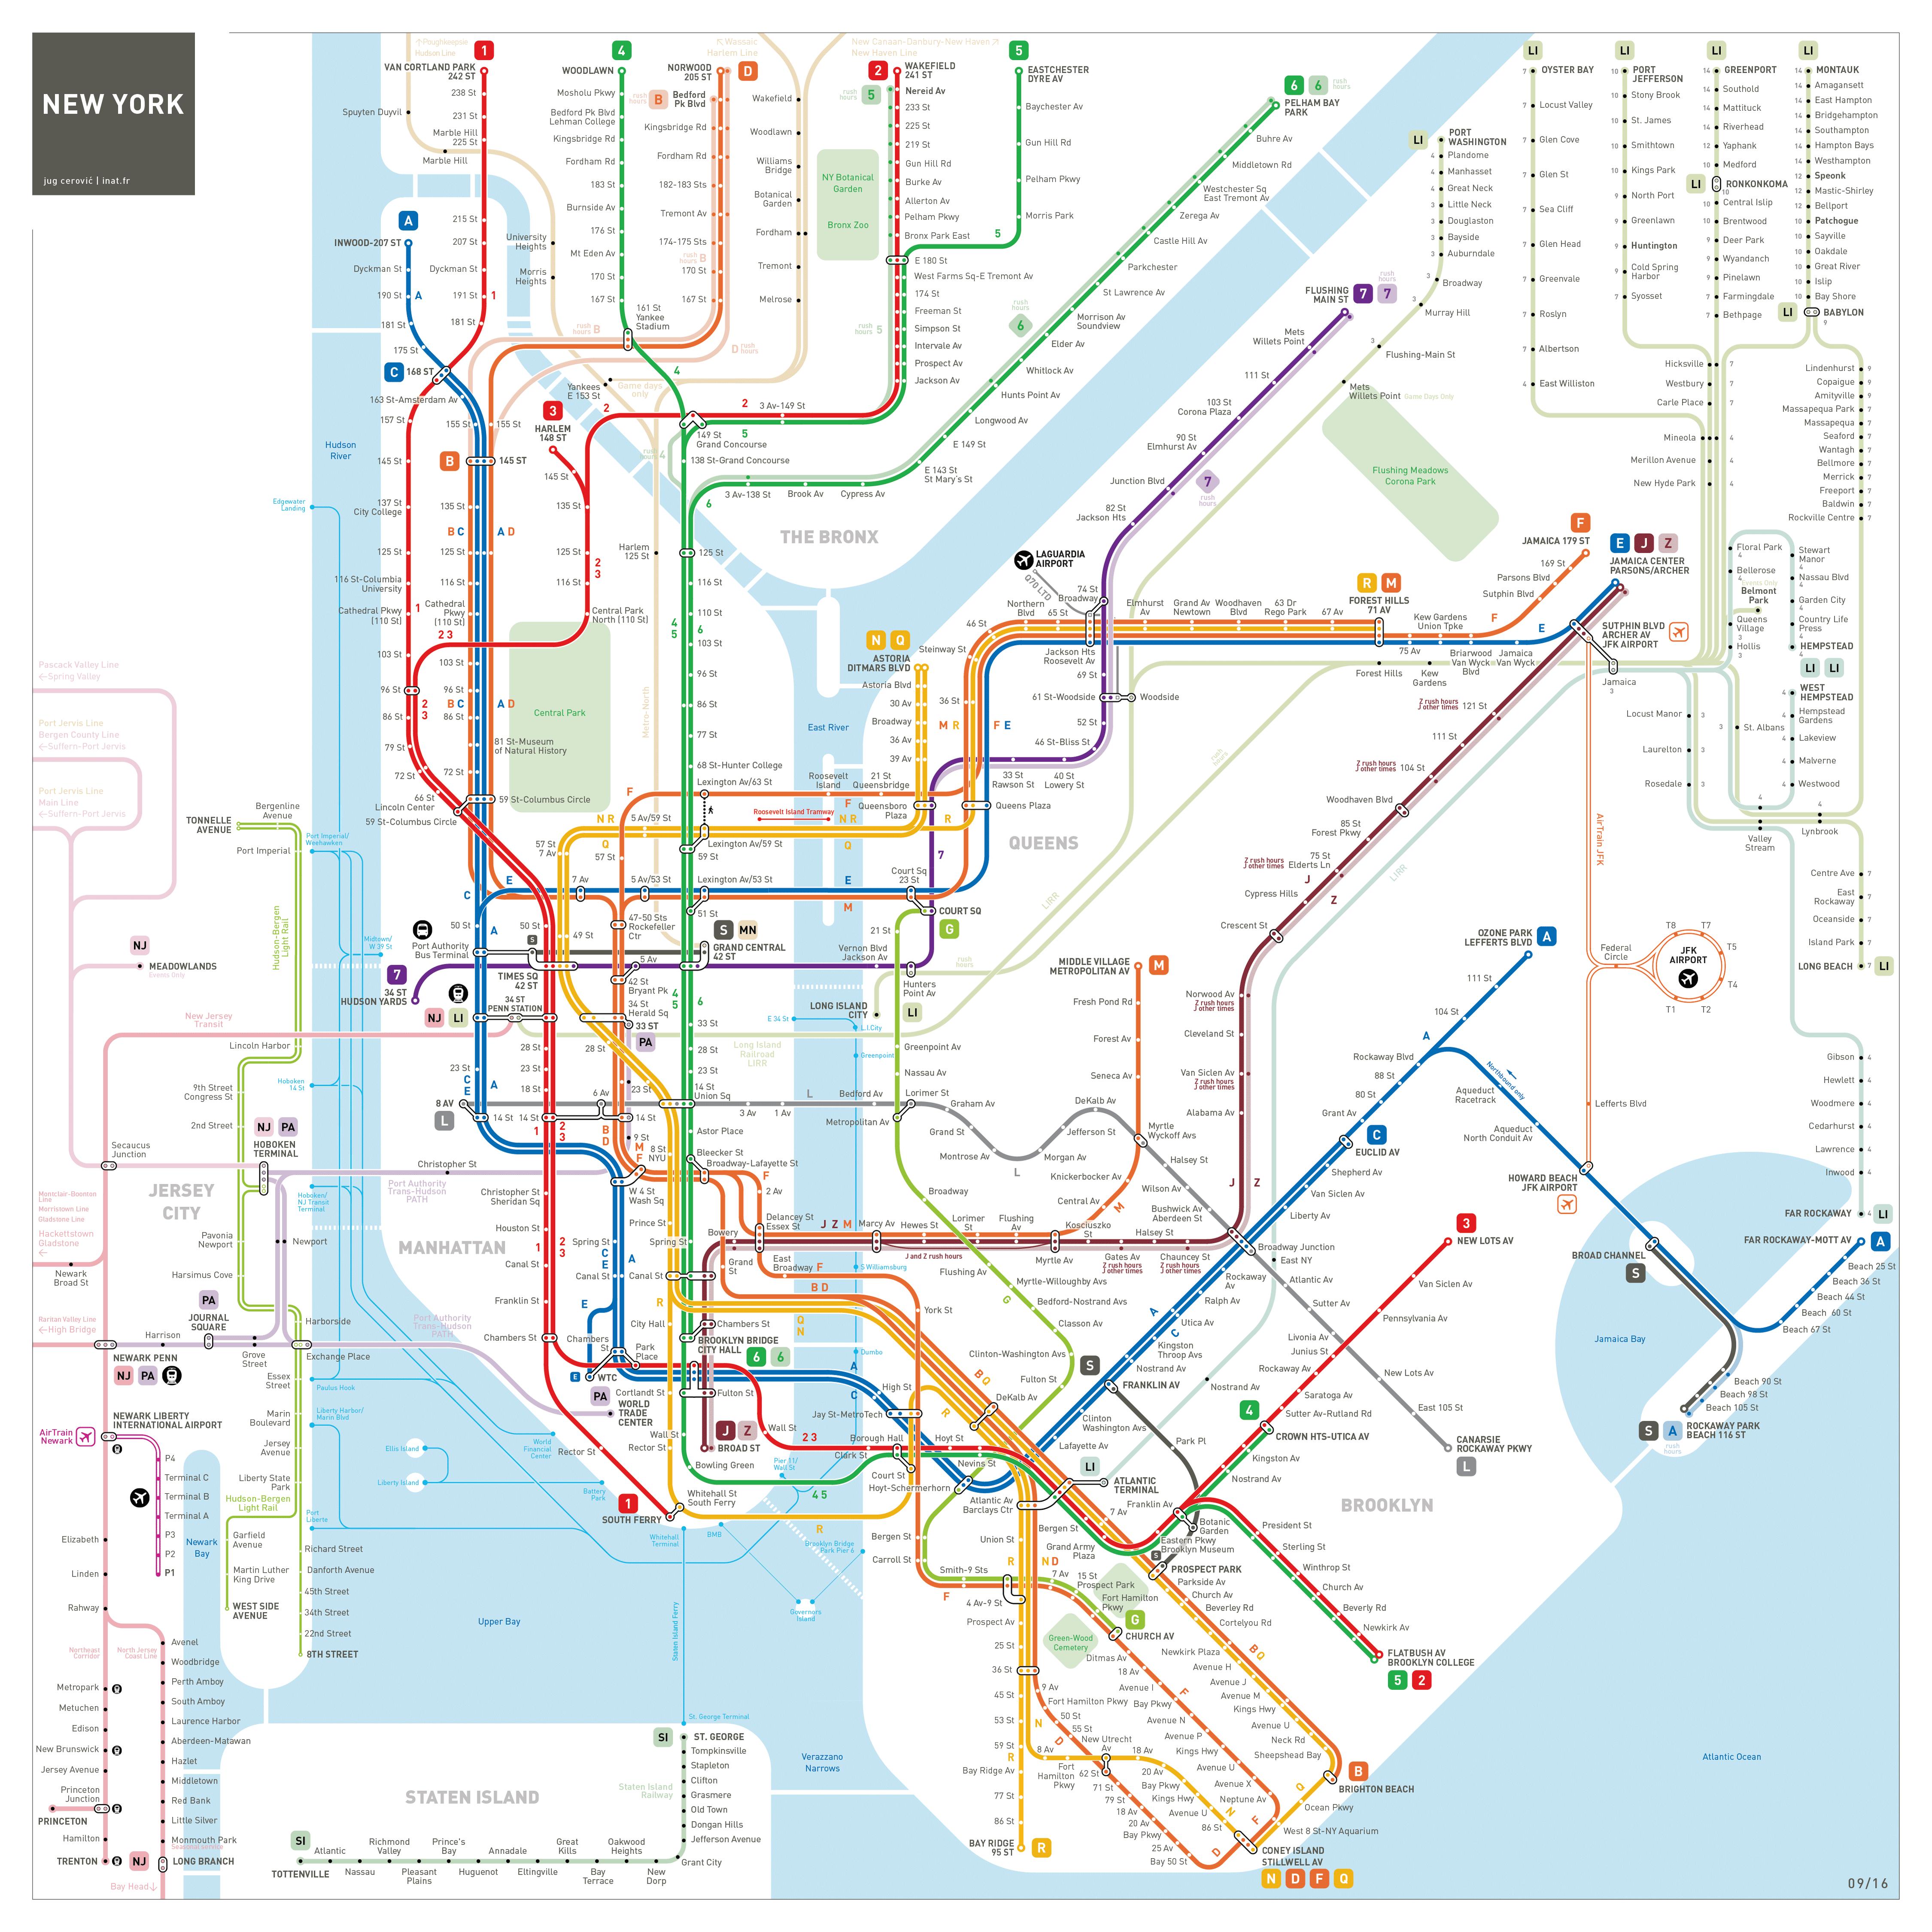 NEW YORK CITY SUBWAY MAP | Viewing NYC